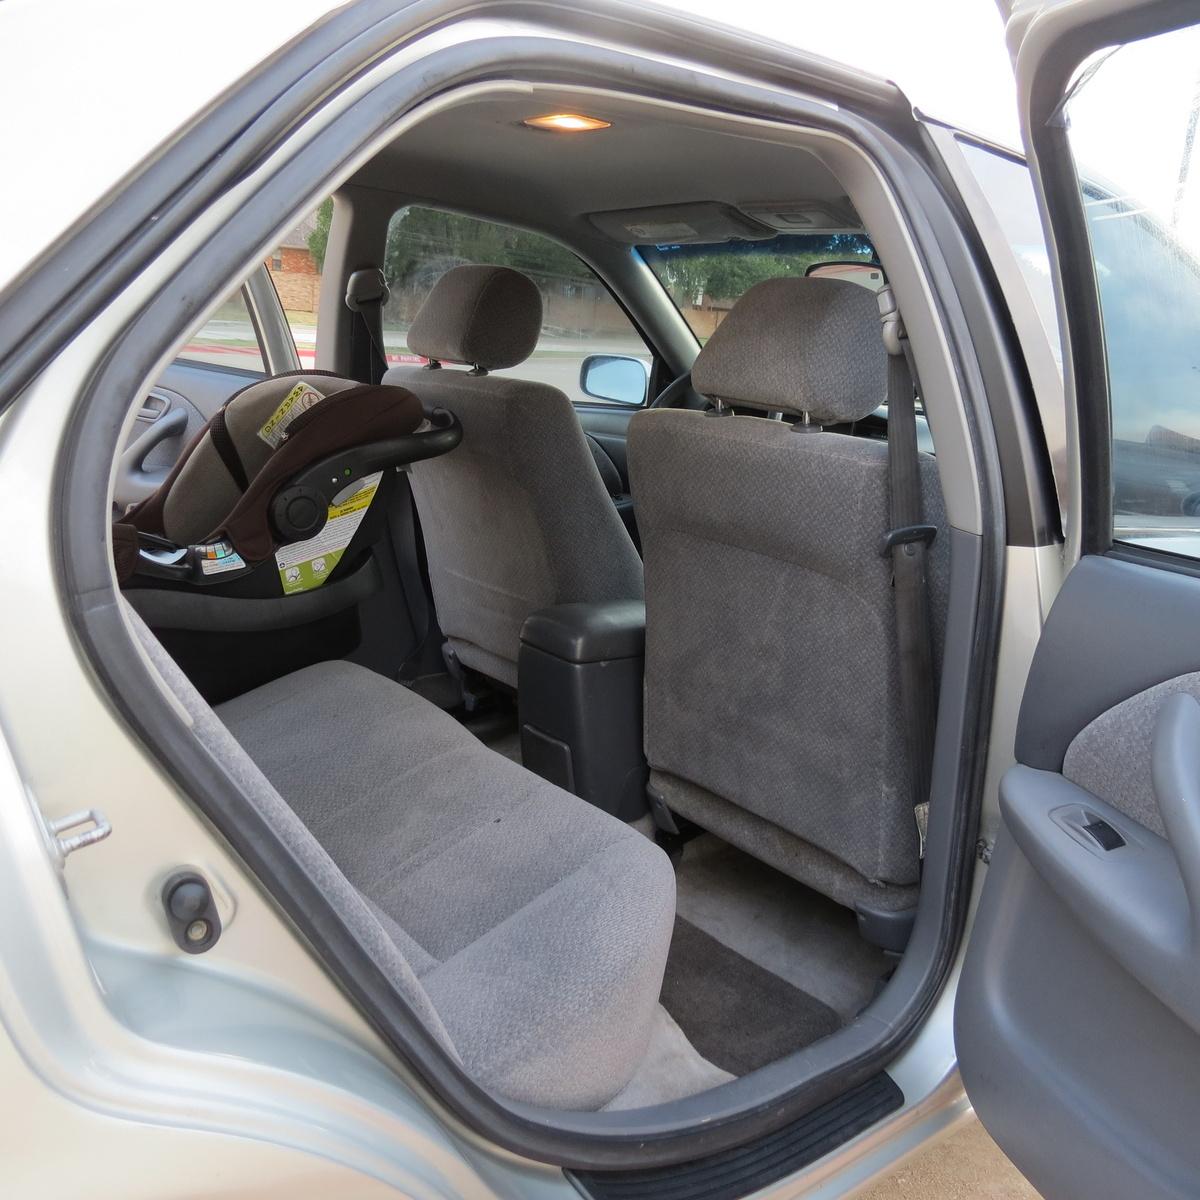 Cargurus Toyota Camry: Interior Pictures